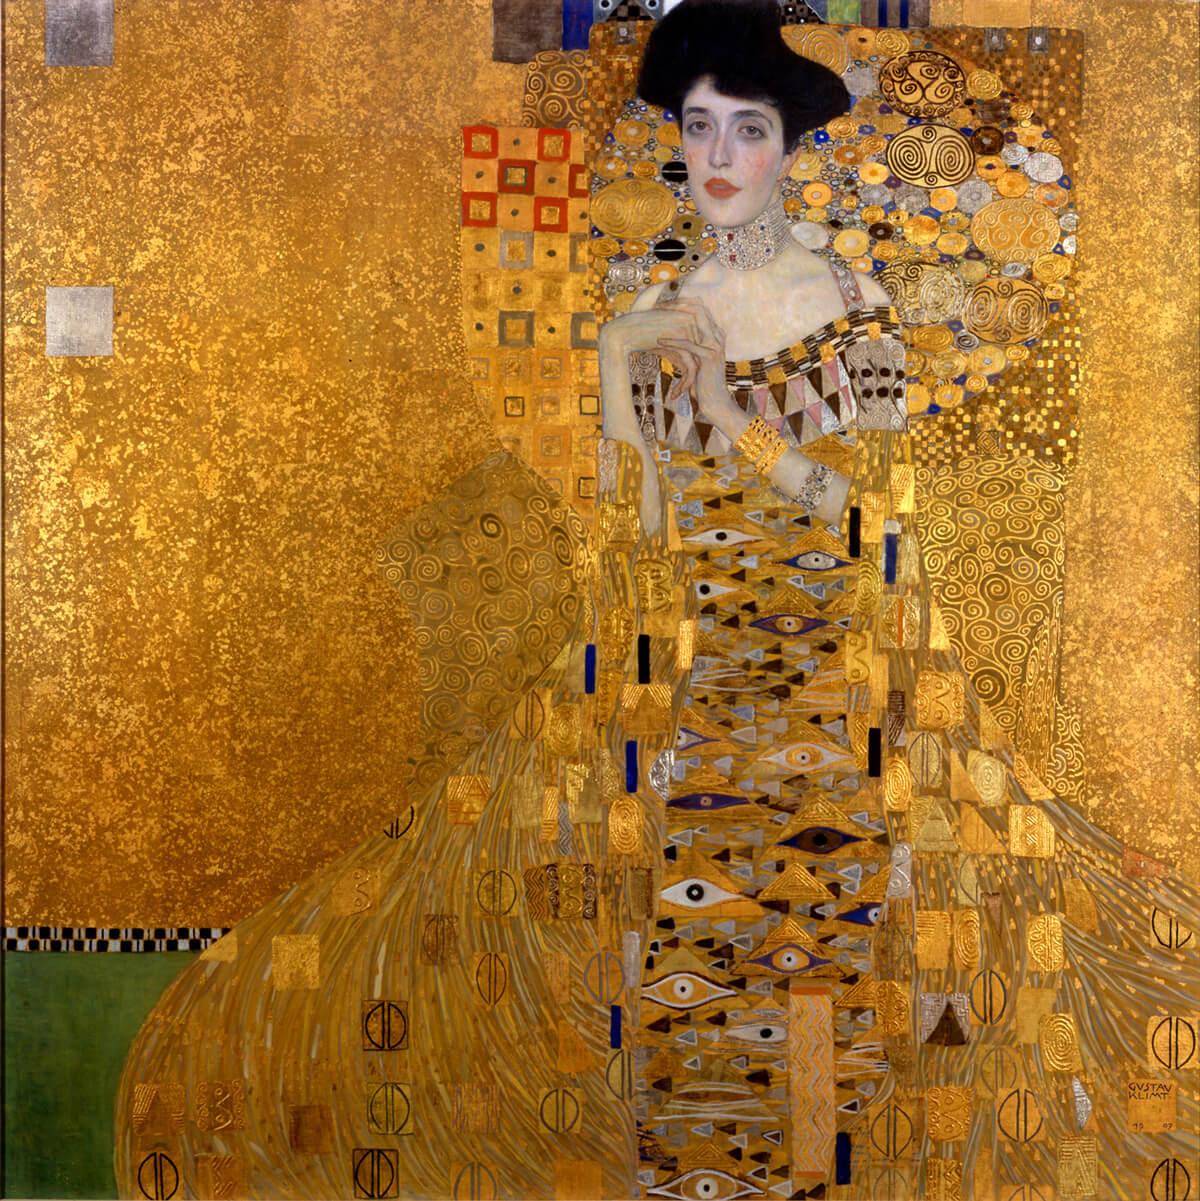 El oro de Klimt, retrato de Adele Bloch Bauer I